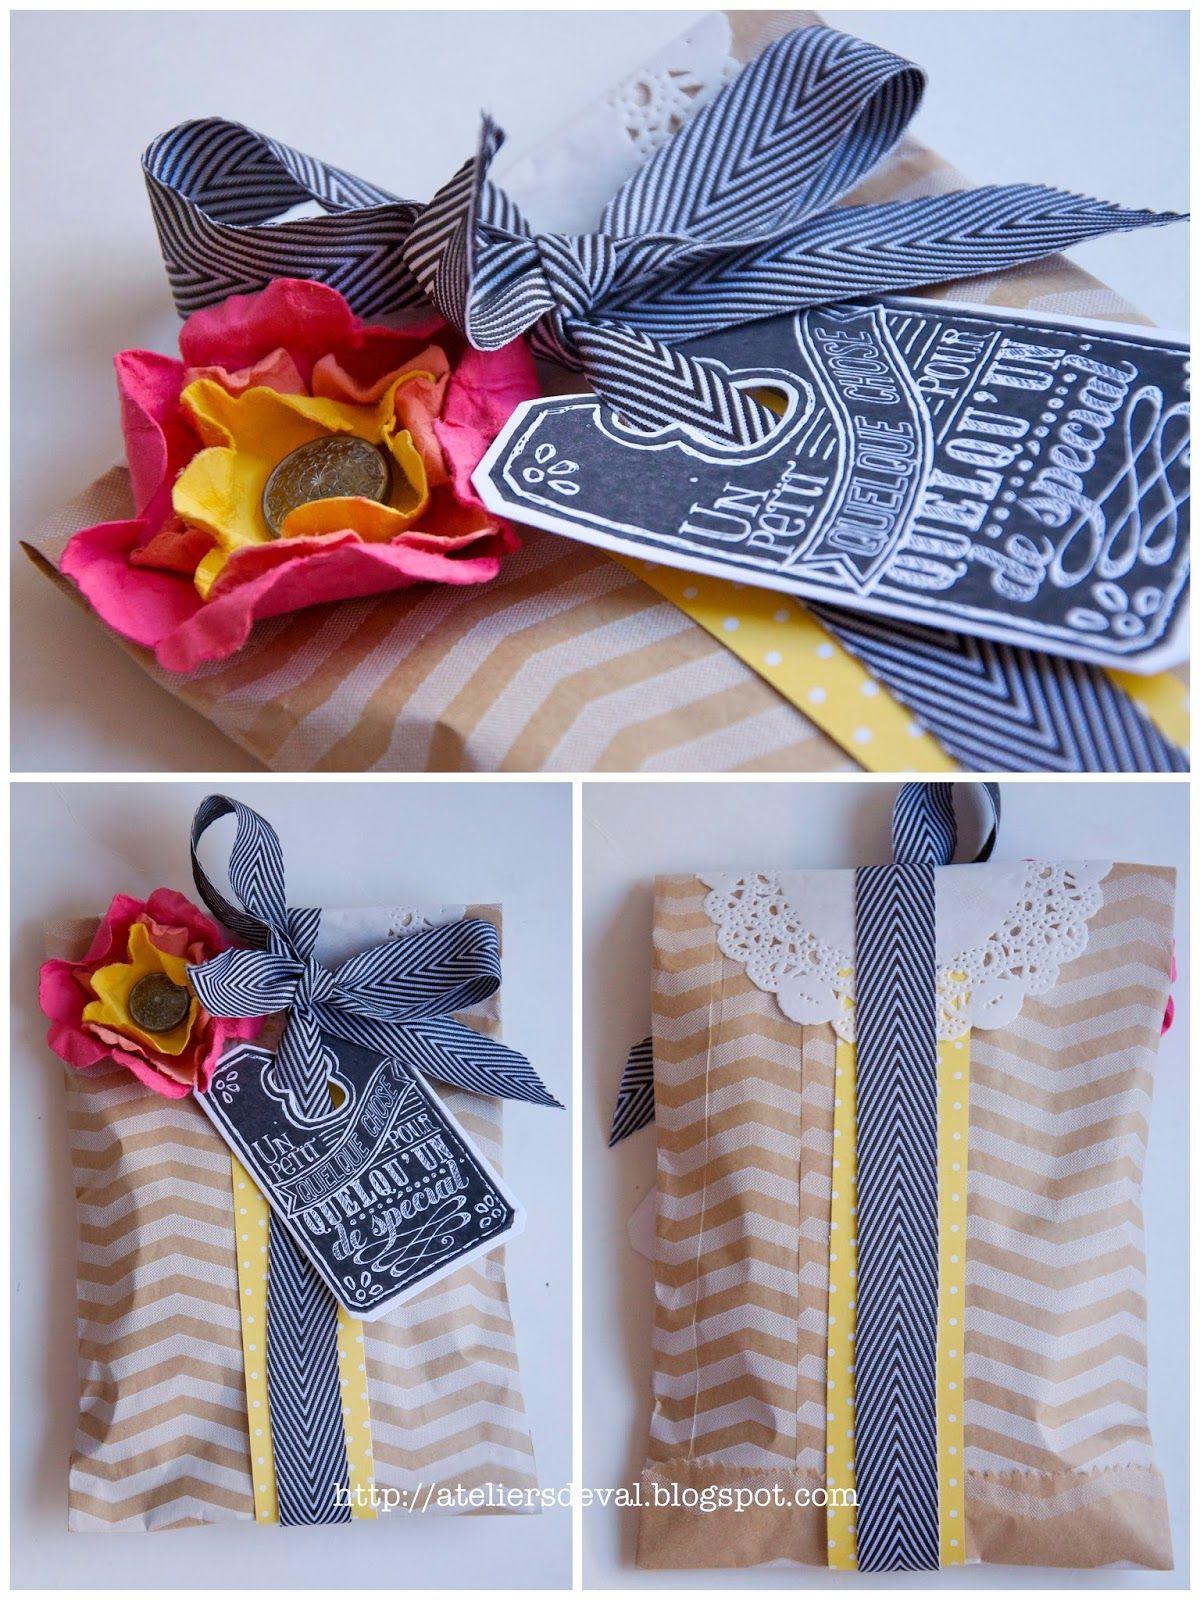 Les Ateliers de Val: Sachet cadeau | (Geschenk-) Verpackungen ...